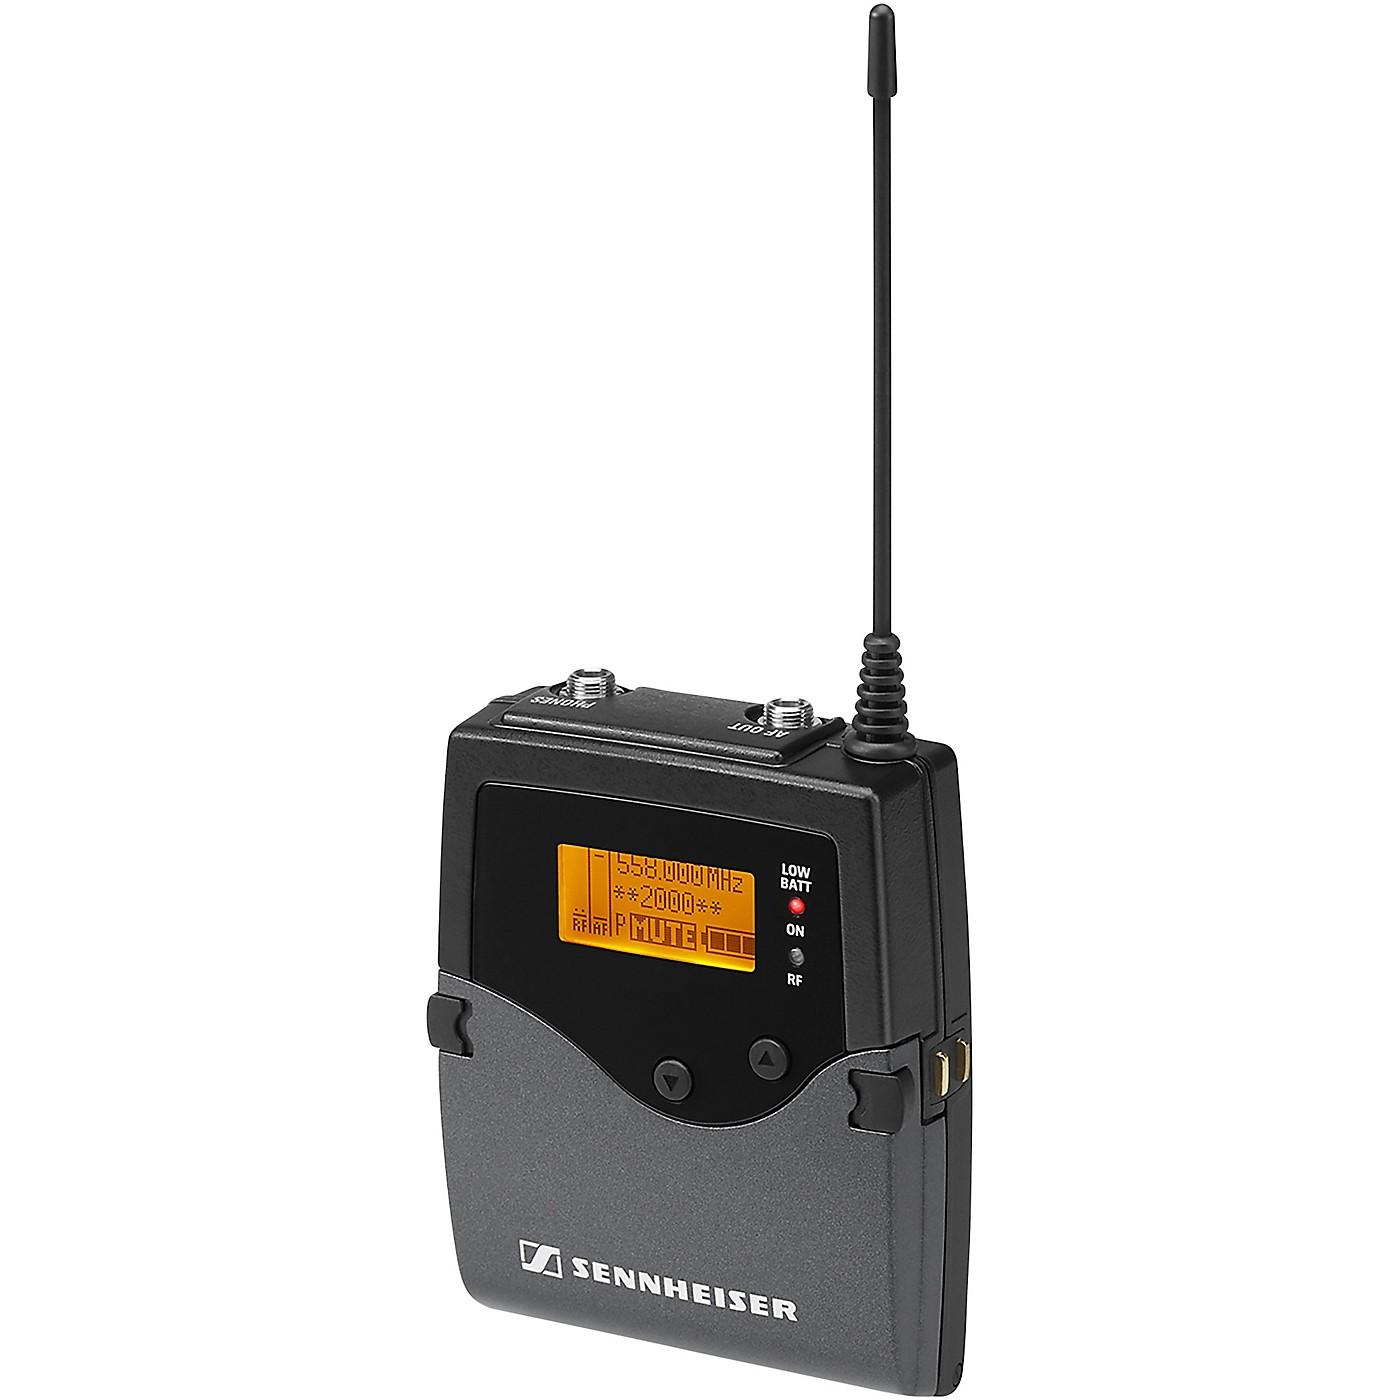 Sennheiser EK2000-Aw Bodypack Receiver 516-558 MHz thumbnail